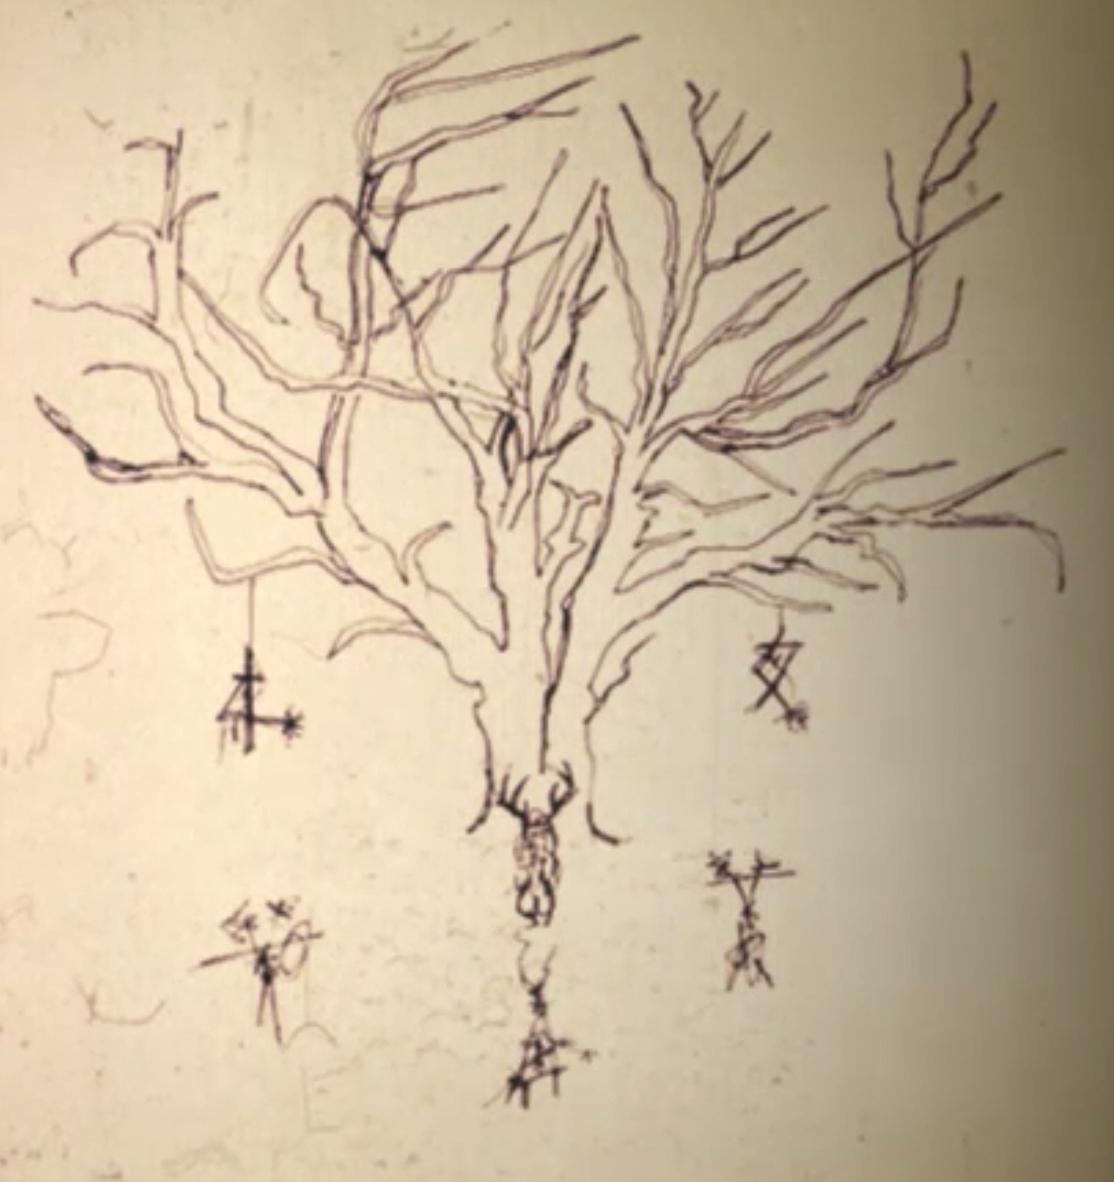 cohle_sketchbook